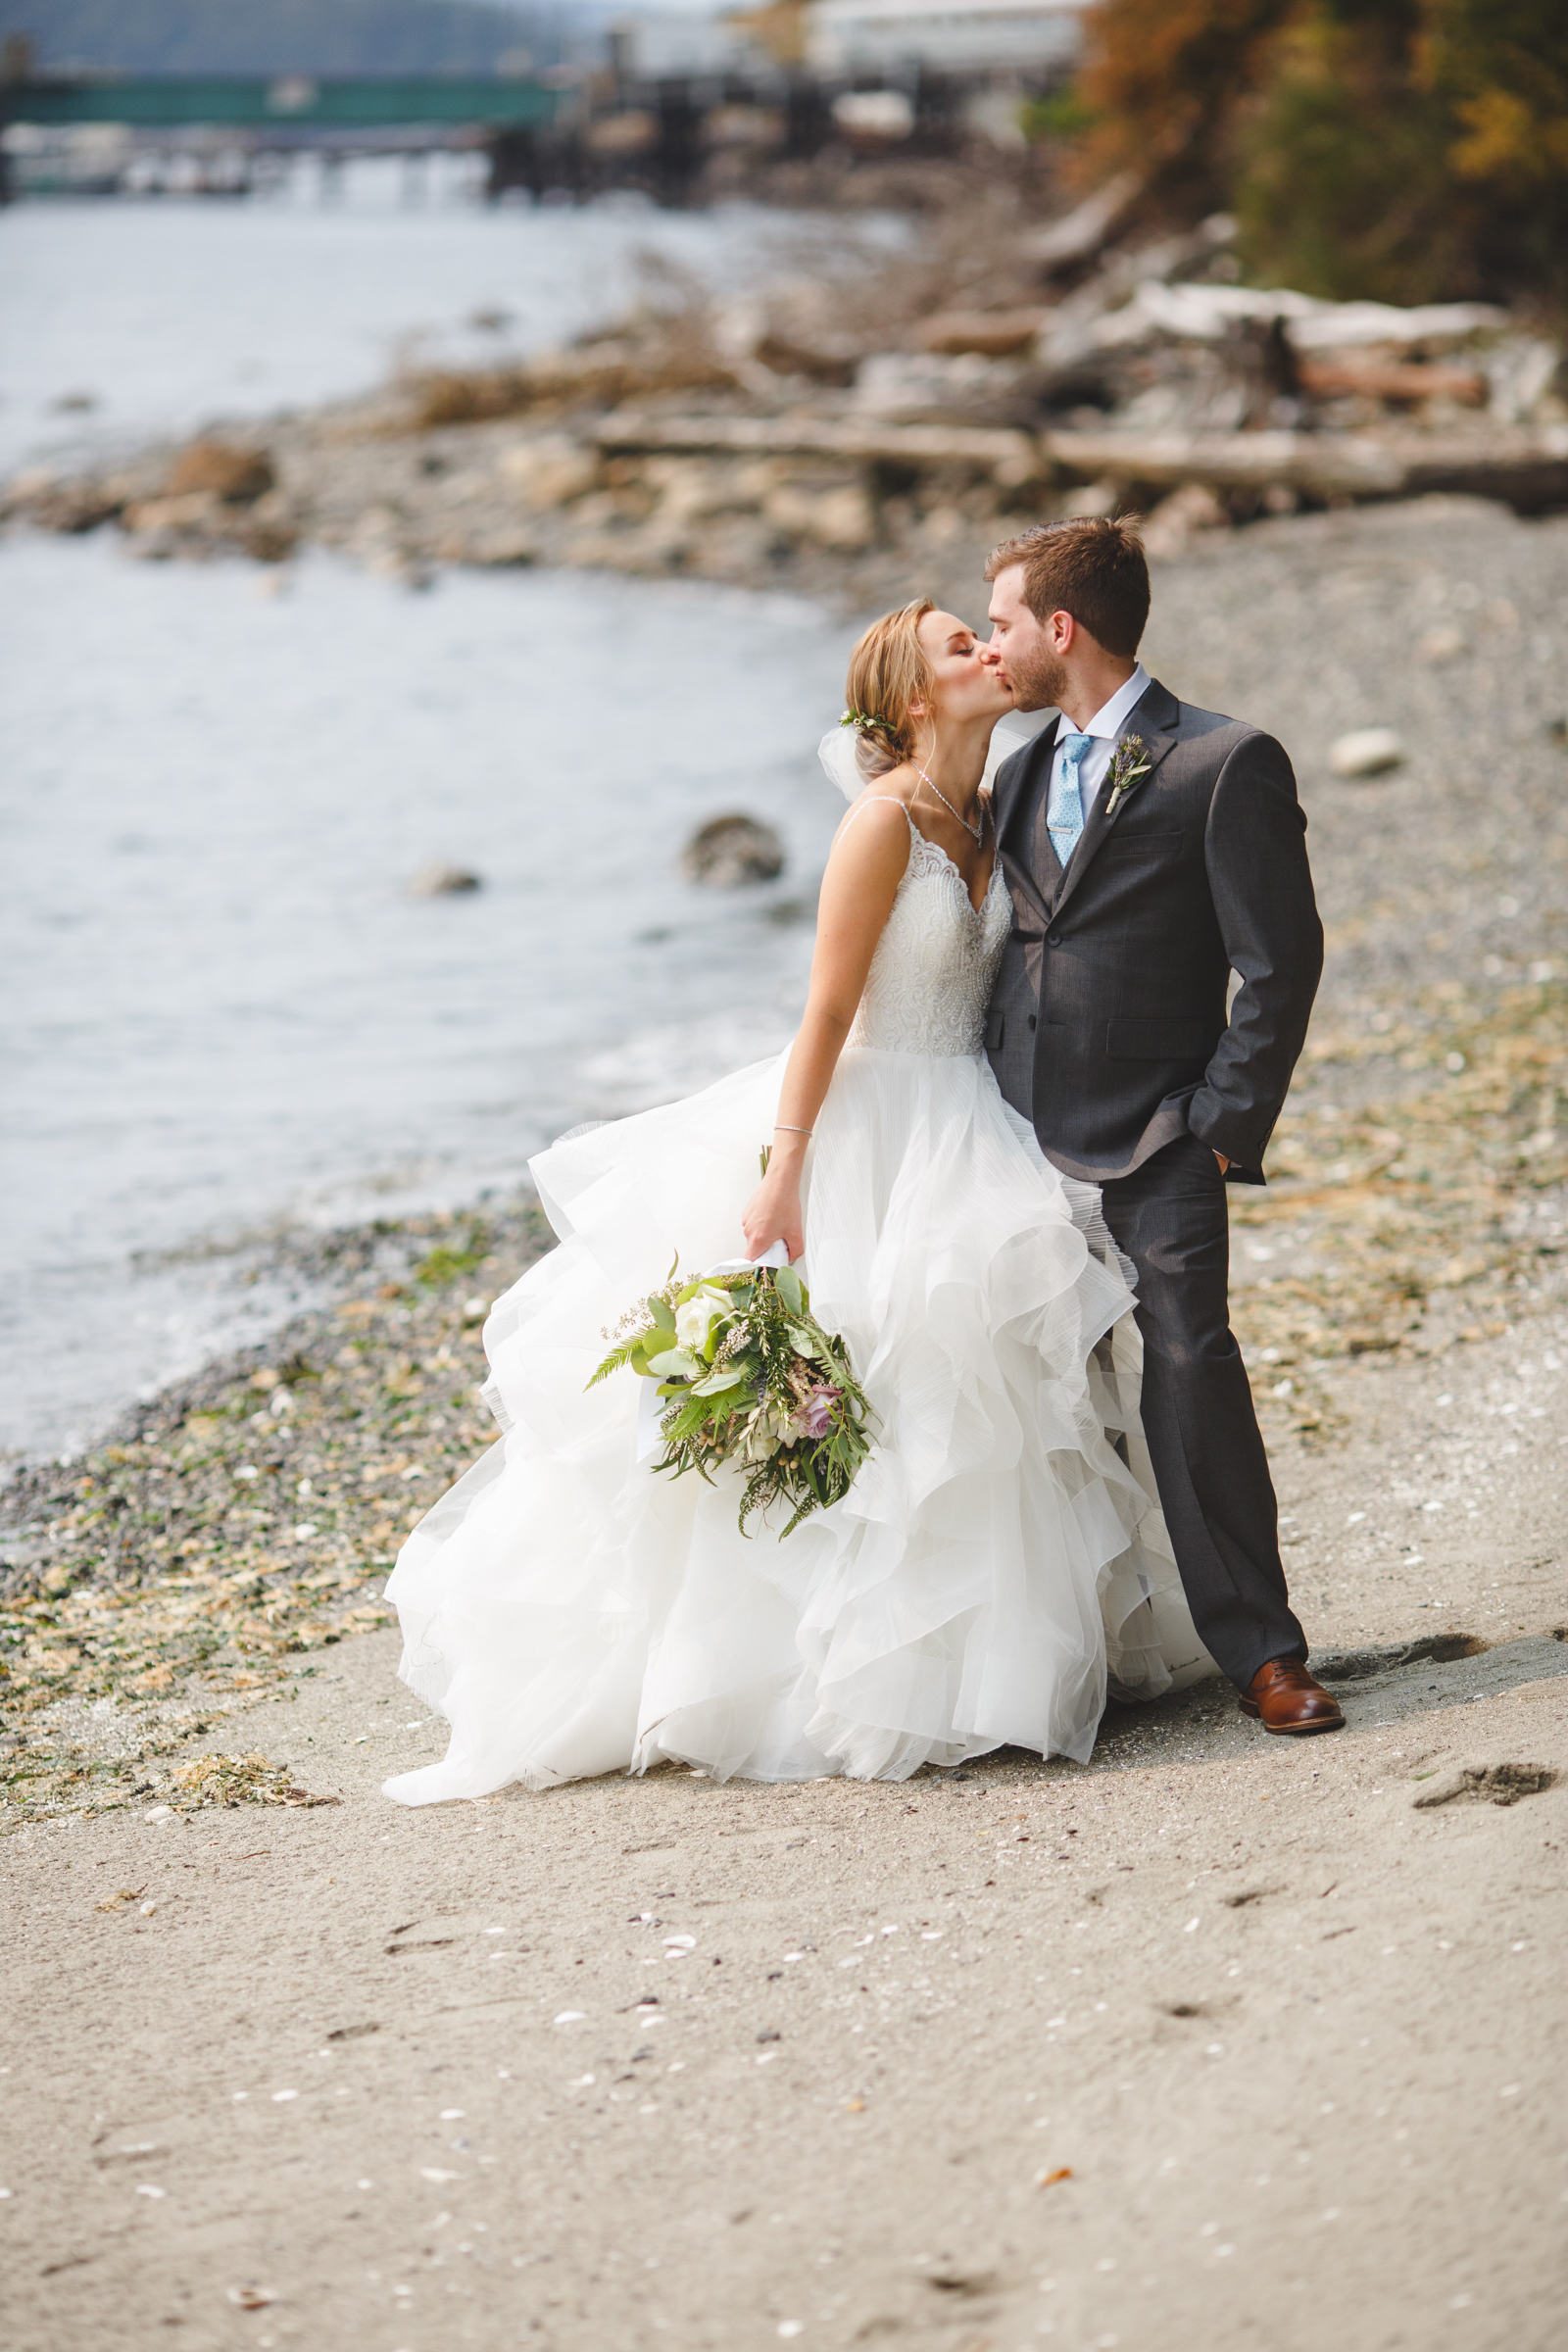 Couple kisses on island beach - photo by Satya Curcio Photography